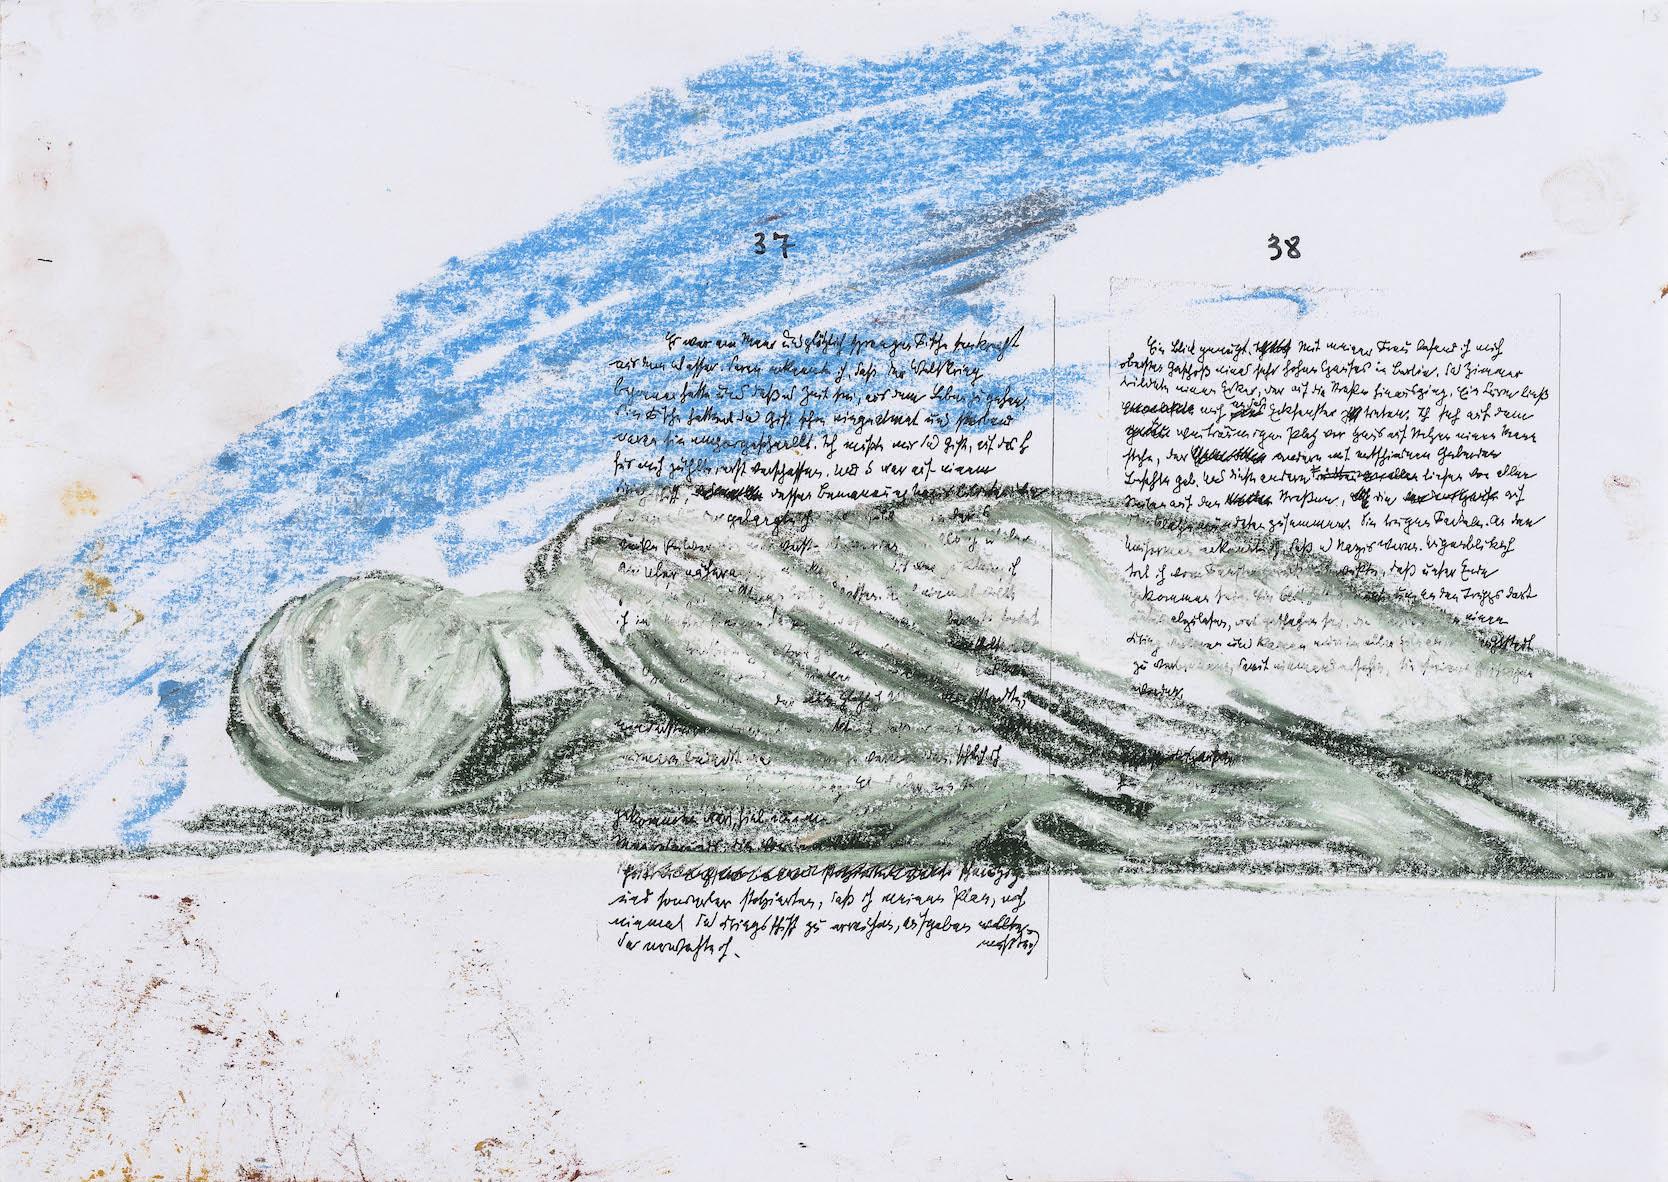 Nello spazio della scrittura, Santa Cecilia su fotocopia di manoscritto di Walter Benjamin, 2018, pastello, 23x31